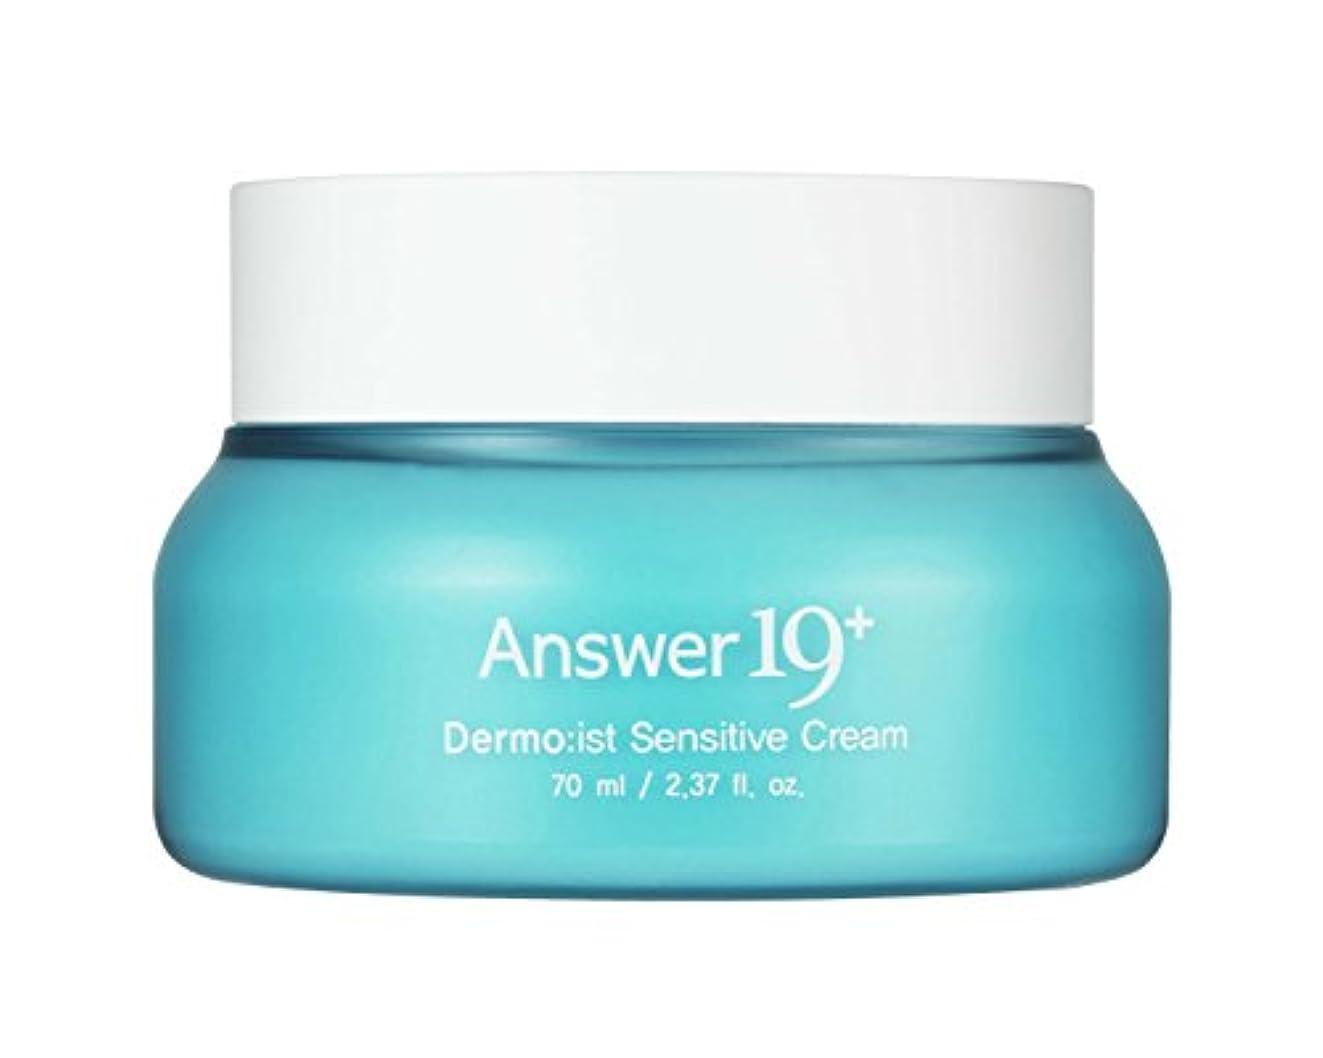 より多いステレオつば[ANSWER NINETEEN +] 感受性クリーム - 敏感肌のための深いモイスチャライジング、鎮静効果。 天然スーパーフード成分、パンテノール(ビタミンB5)、ベータグルカン、ヒアルロン酸、70ml